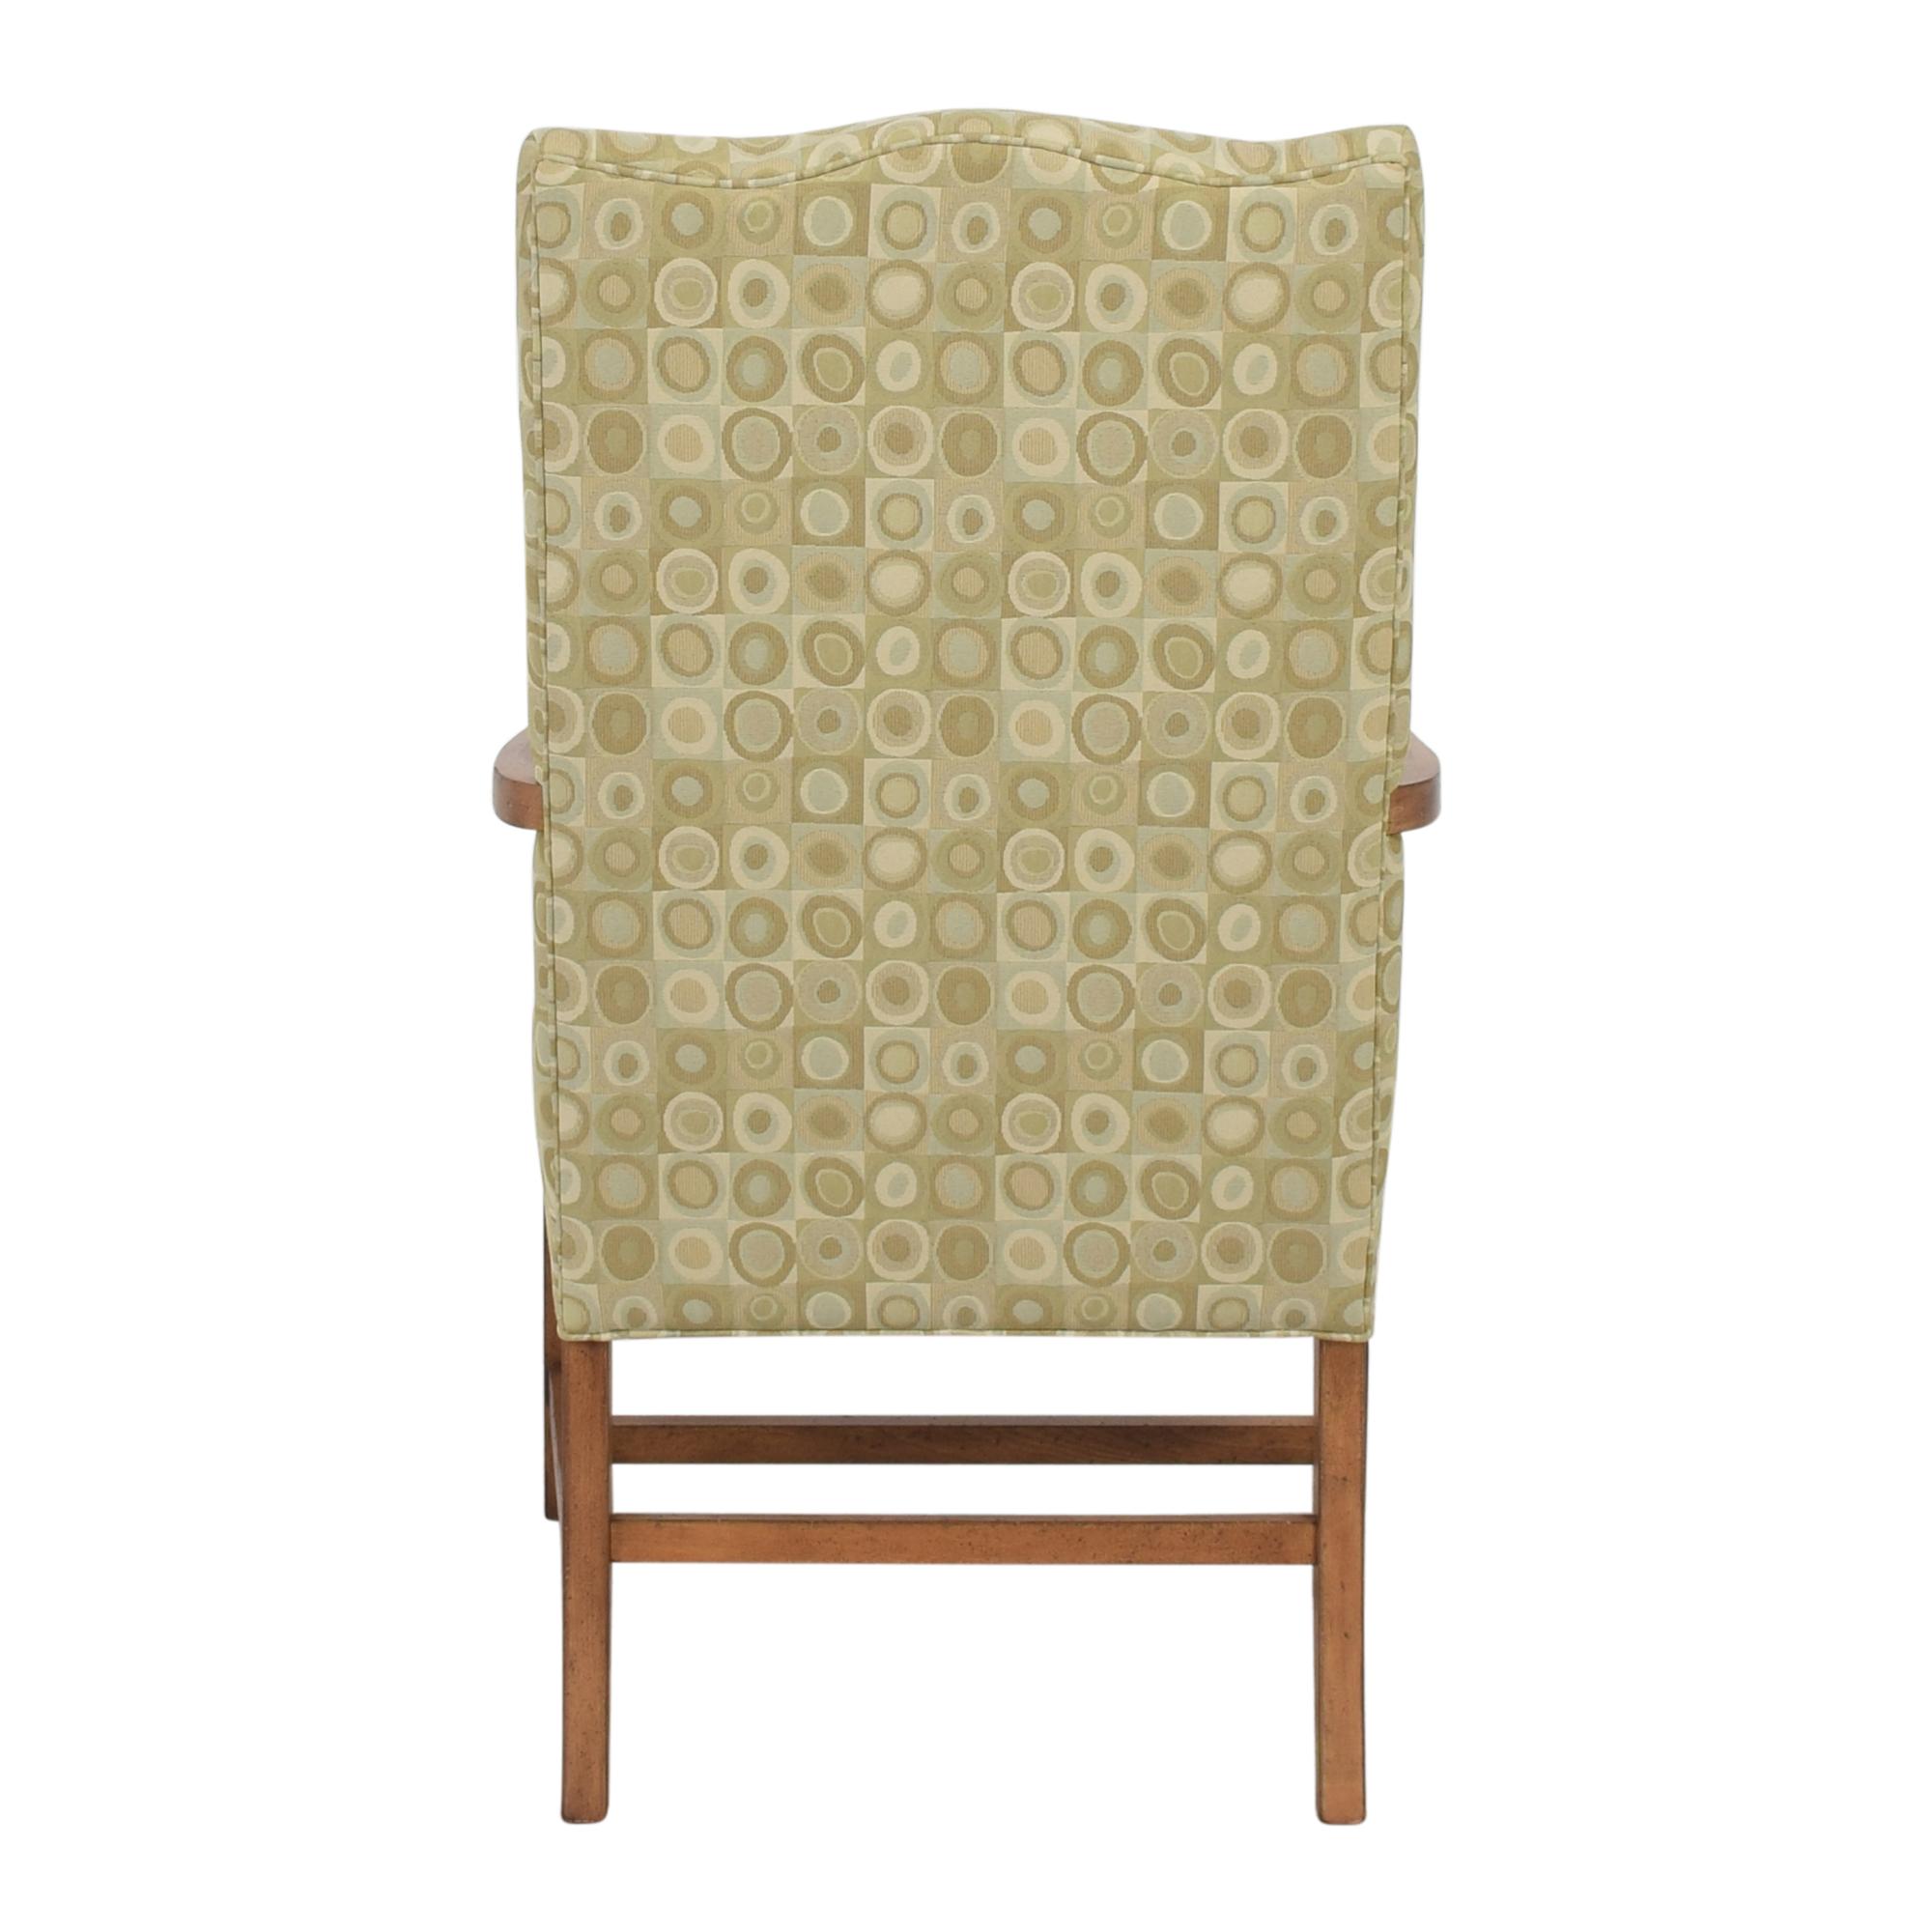 Ethan Allen Ethan Allen Accent Chair pa